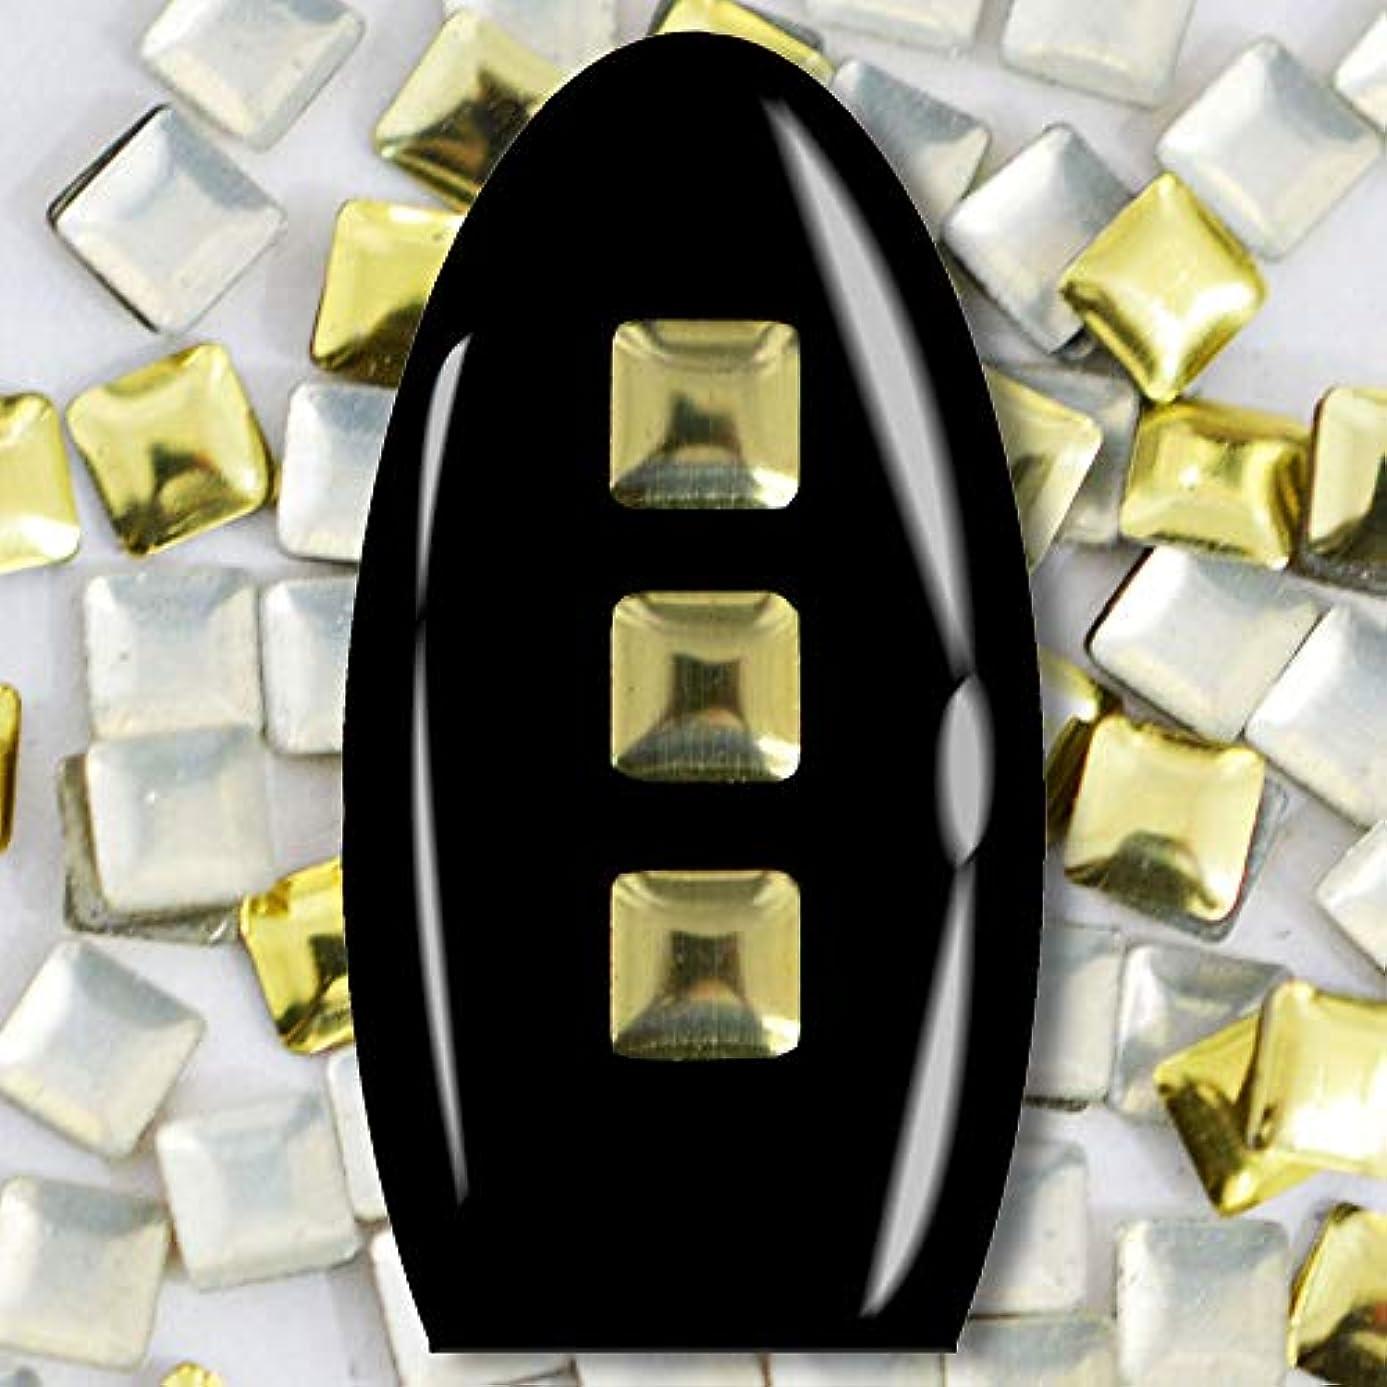 ペチュランスについてローマ人メタルスタッズ ネイル用 50粒 STZ019A スクエア ライトゴールド 3mm